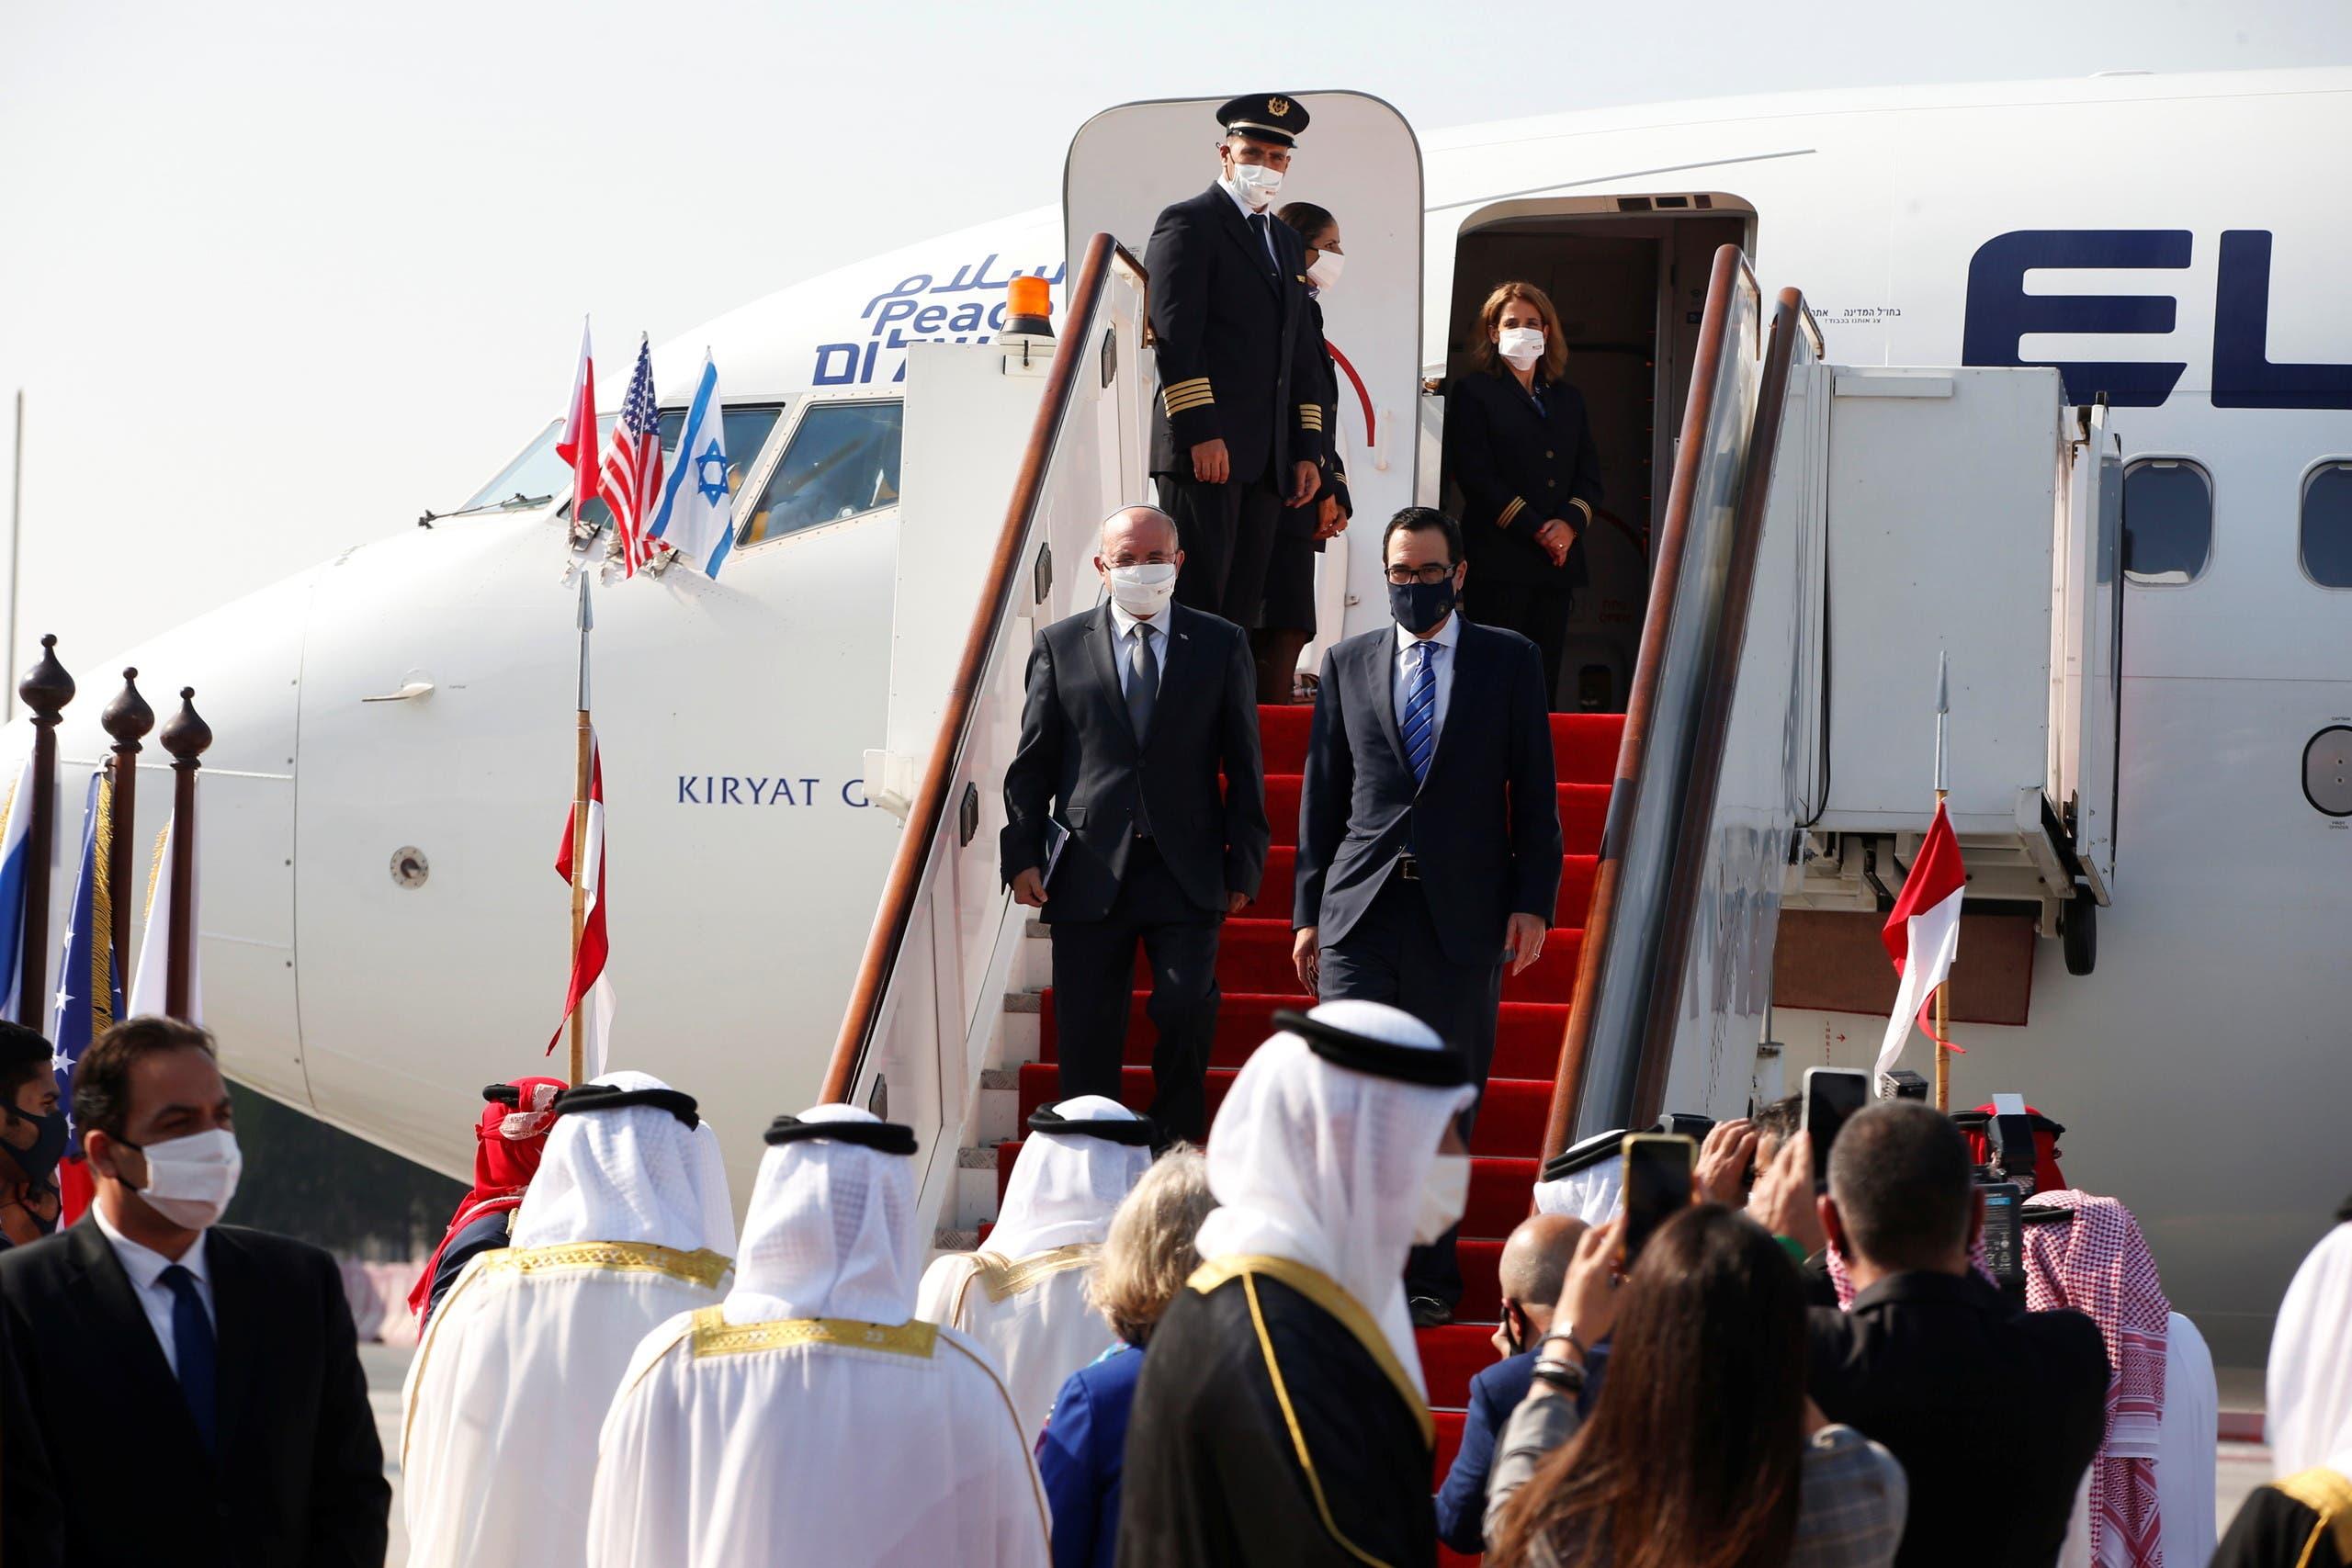 وصول وفد إسرائيلي الى البحرين في أول رحلة مباشرة بين تل أبيب والمنامة